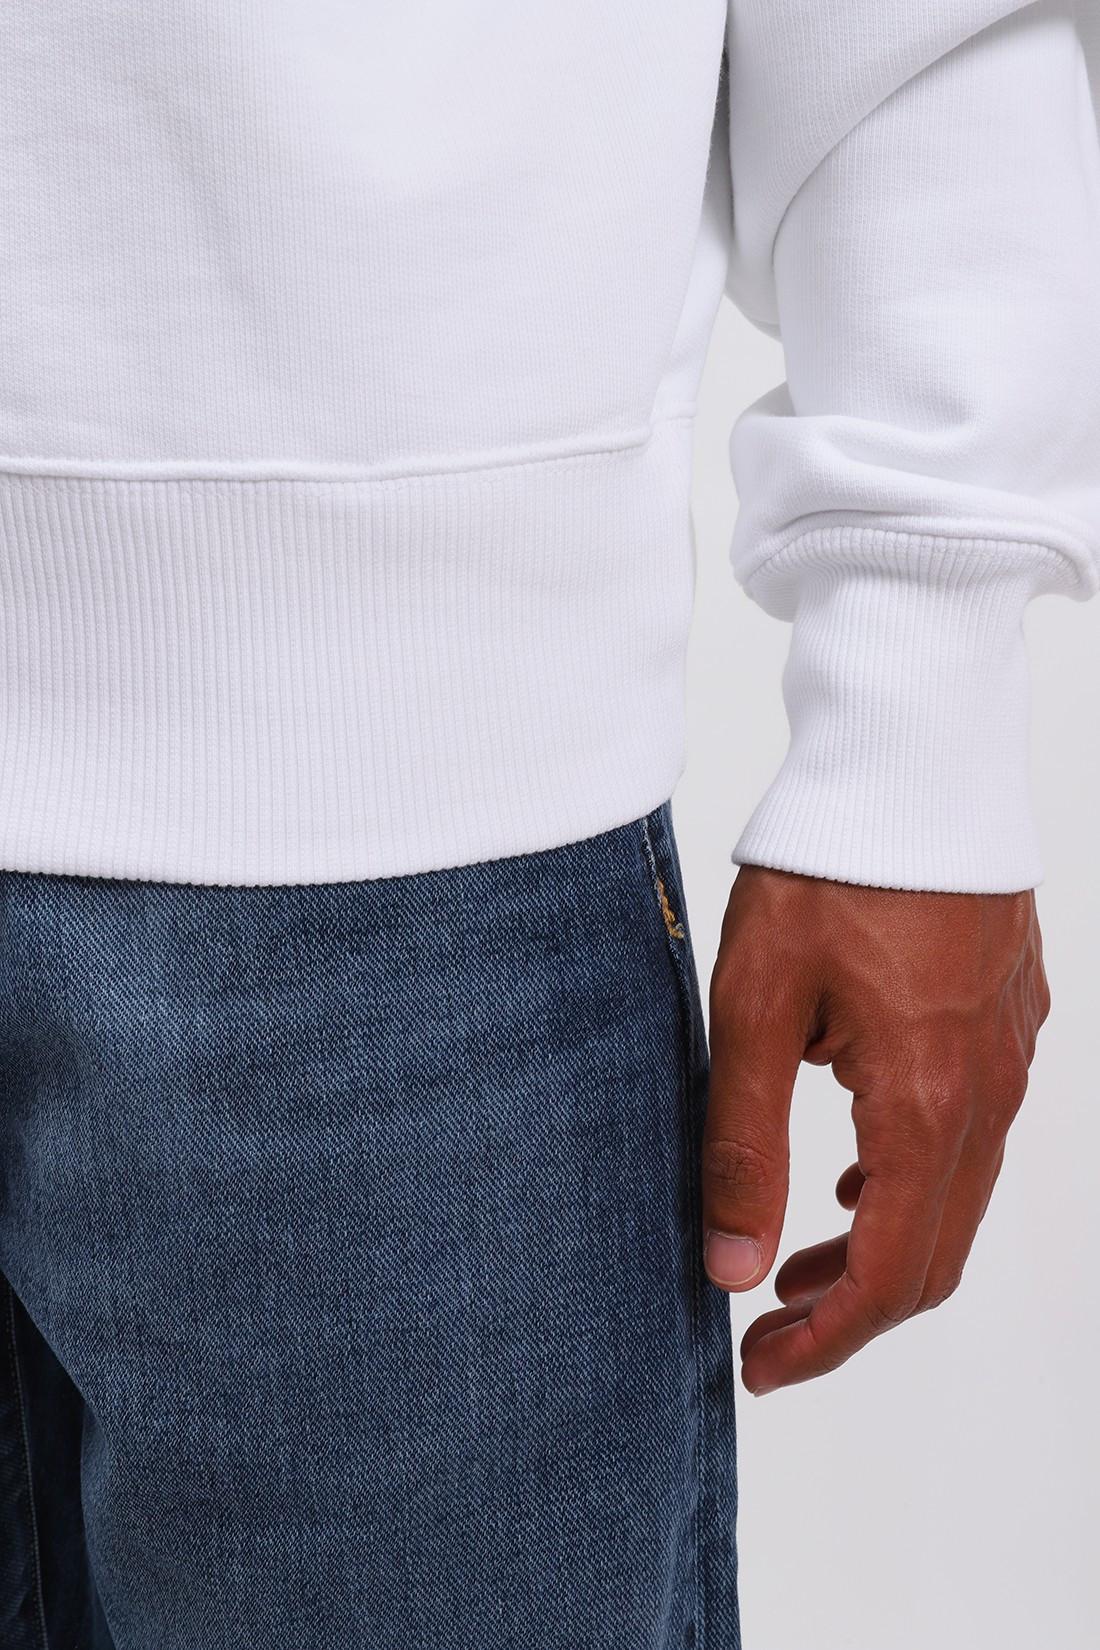 AMI / Ami de coeur sweatshirt White